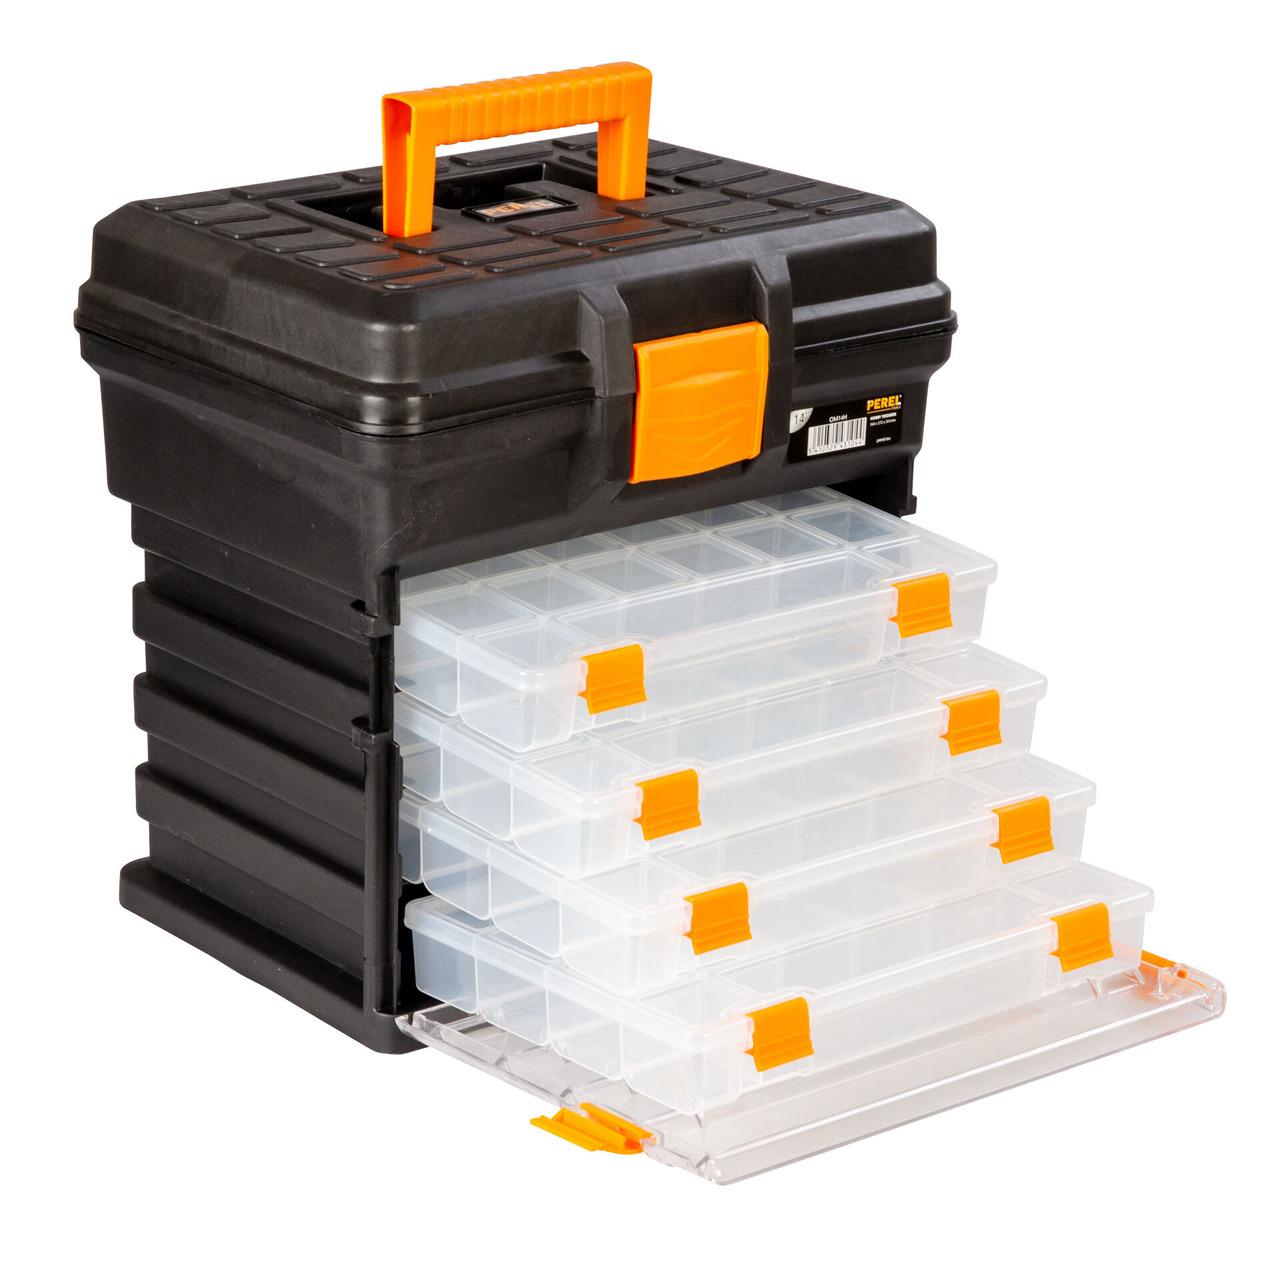 Velleman Werkzeugbox ground-223 - mit 4 entnehmbaren Aufbewahrungsboxen